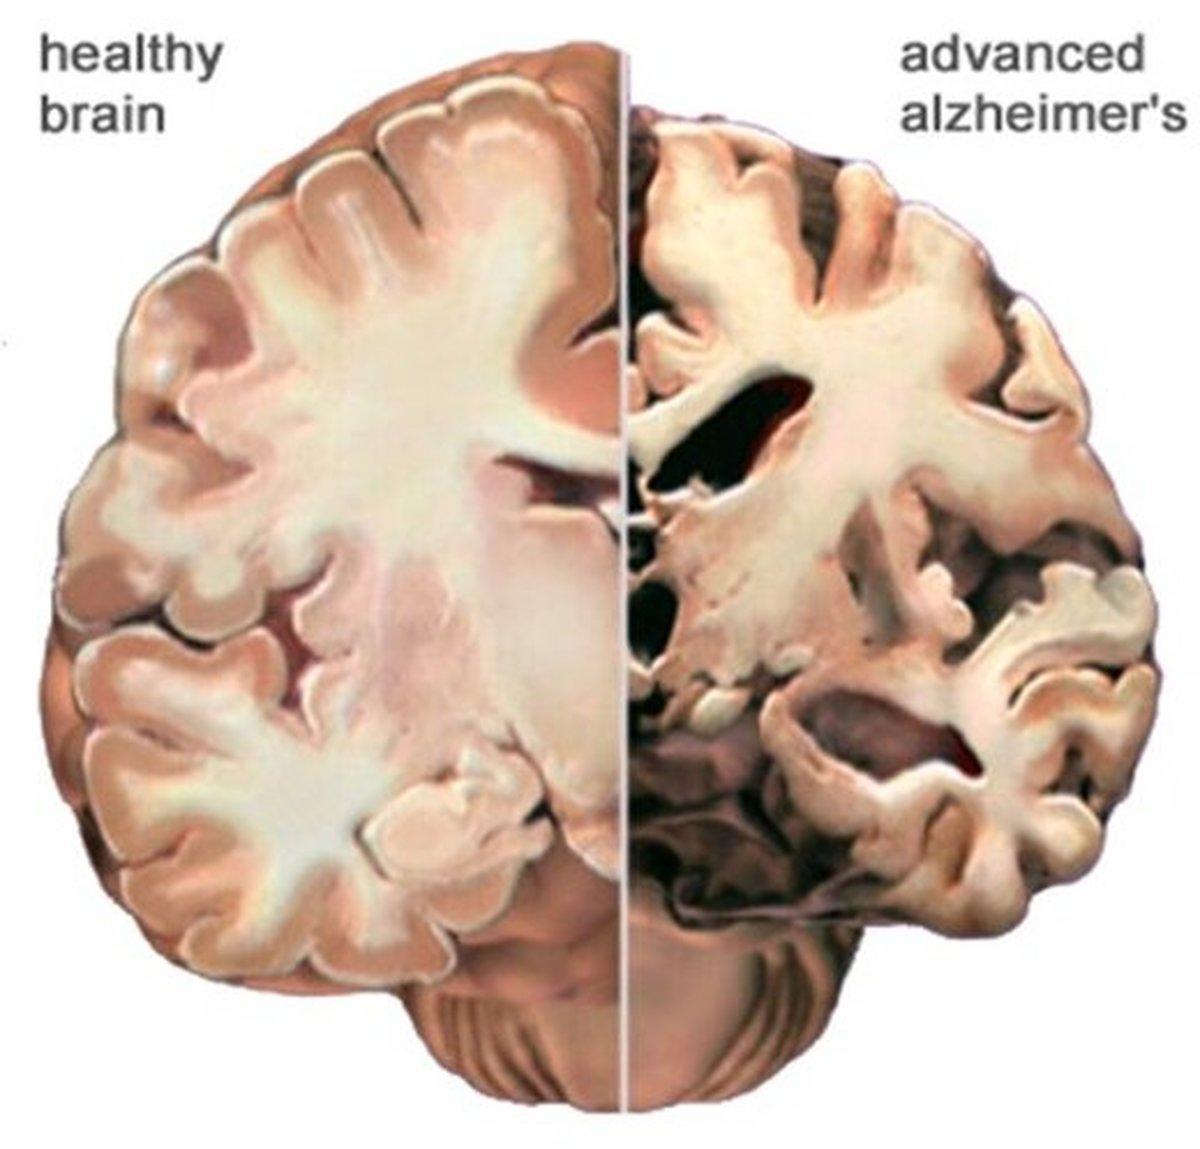 کاهش خطر آلزایمر با ۲۱ روش موثر